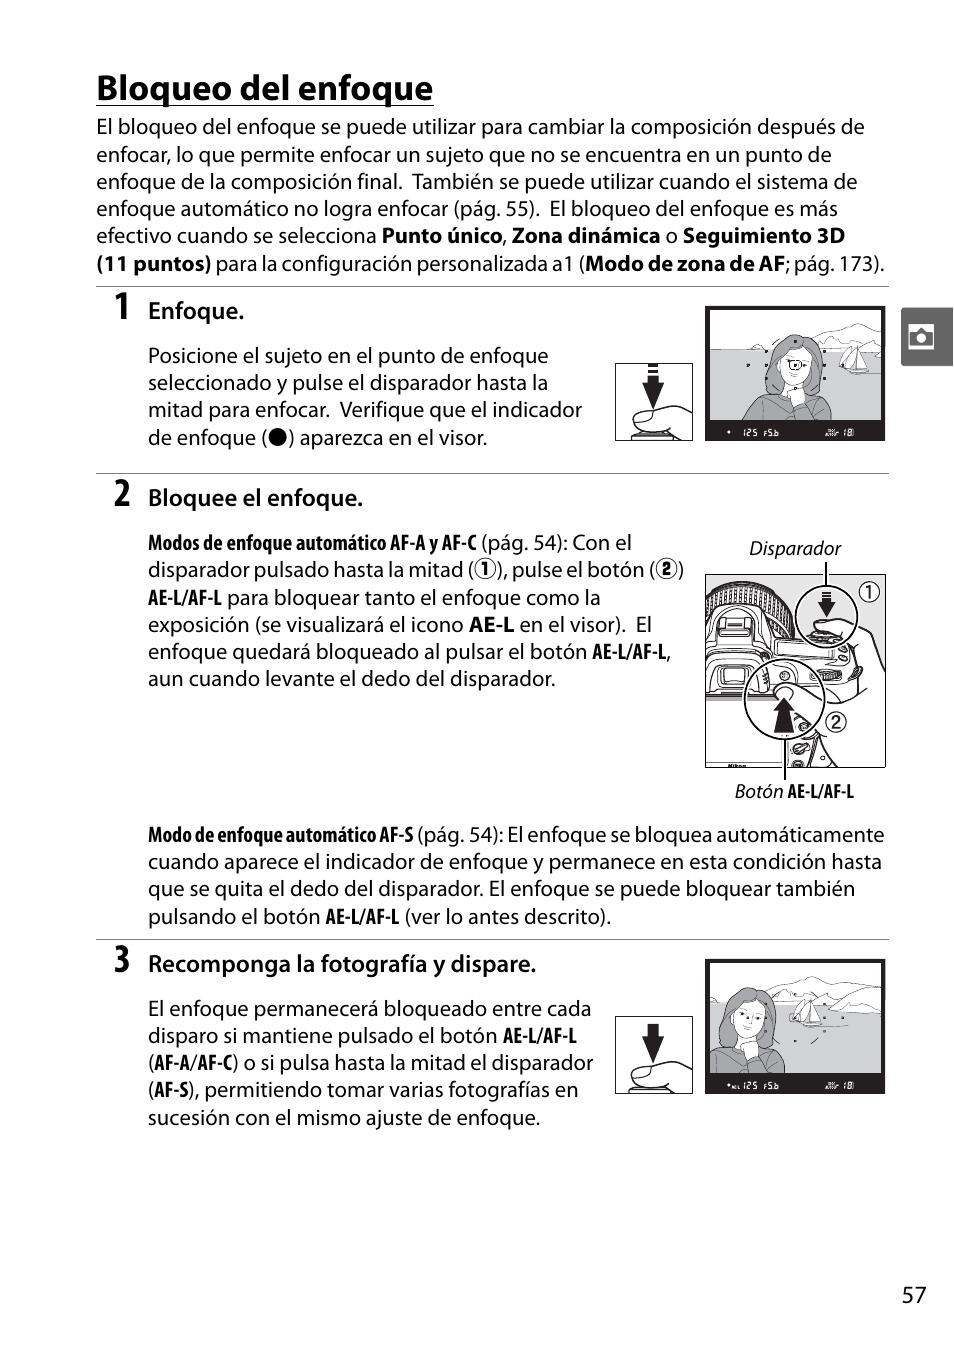 bloqueo del enfoque nikon d90 manual del usuario p gina 77 300 rh pdfmanuales com Manual De Usuario Samsung Manual De Usuario Samsung